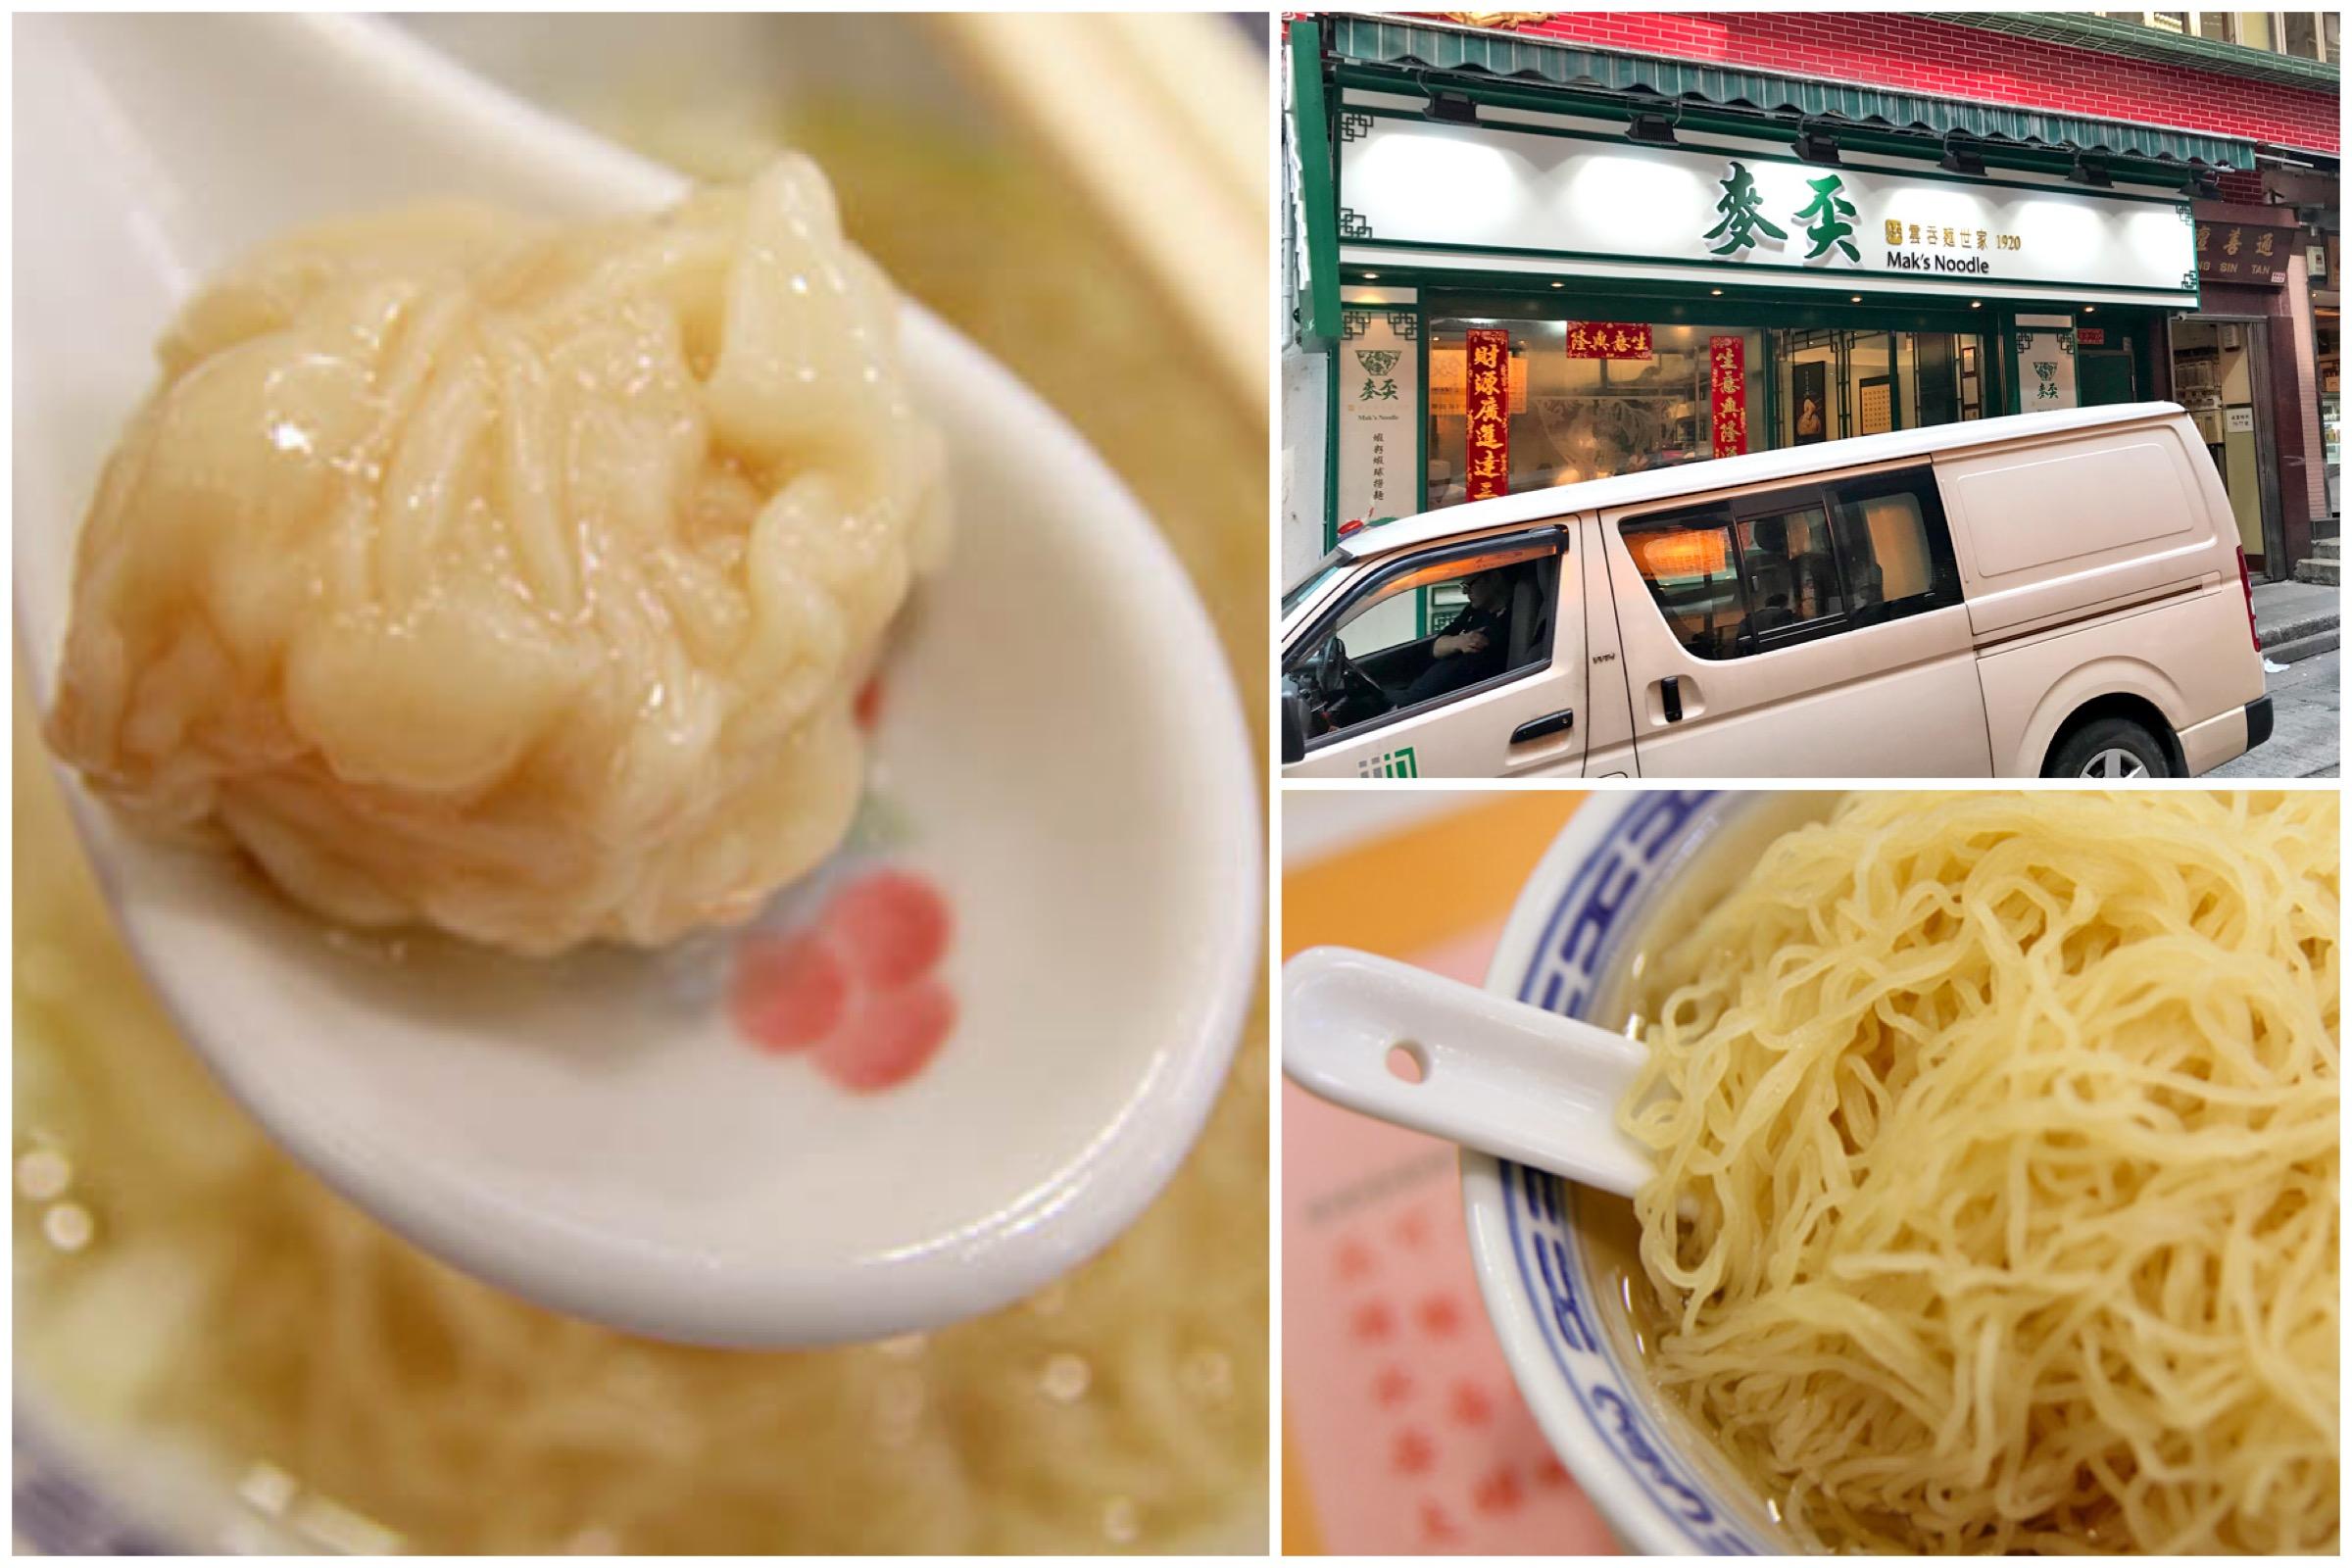 Mak's Noodle 麥奀雲吞麵世家 - Hong Kong's Most Famous Wanton Noodles, At Wellington Street Central